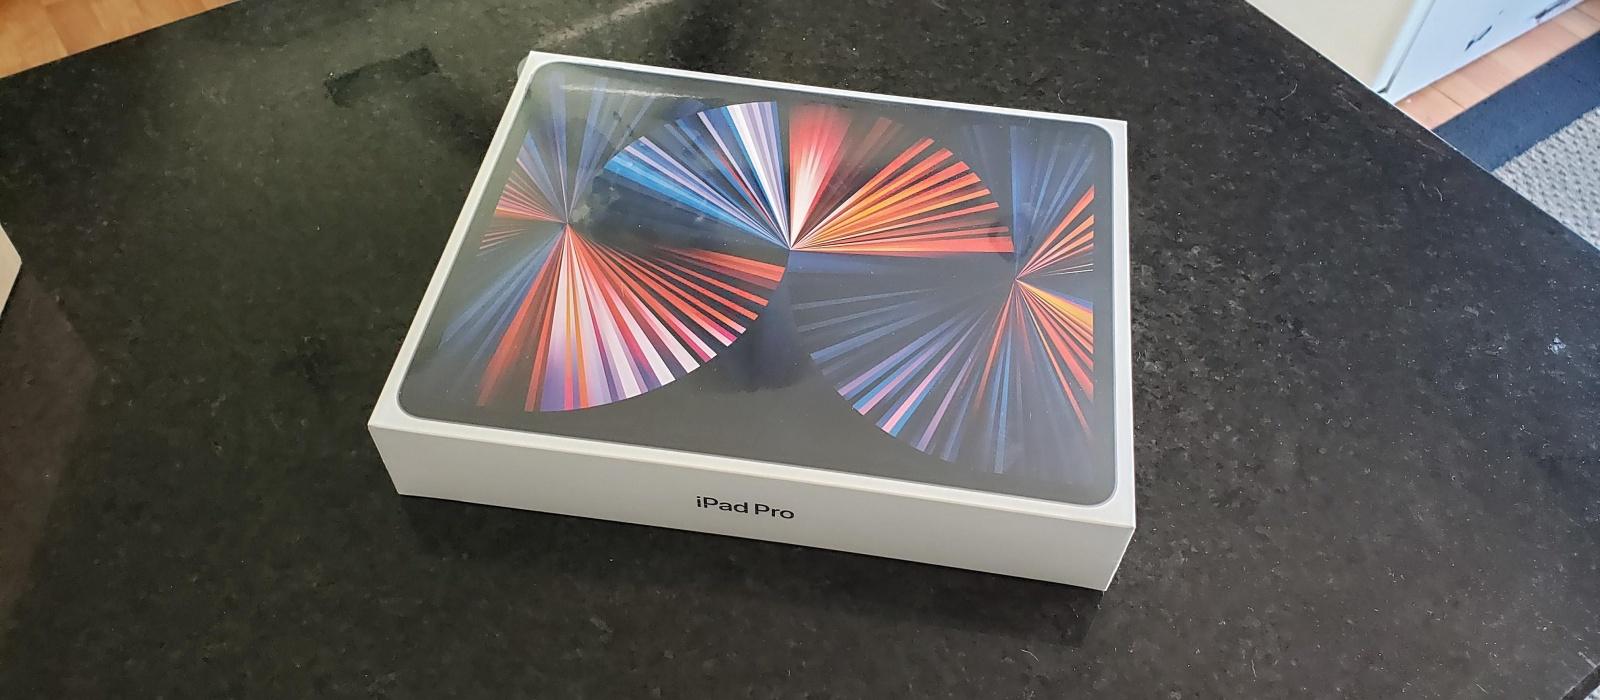 Das erste iPad Pro mit einem M1-Prozessor hat bereits den Besitzer erreicht - Video veröffentlicht